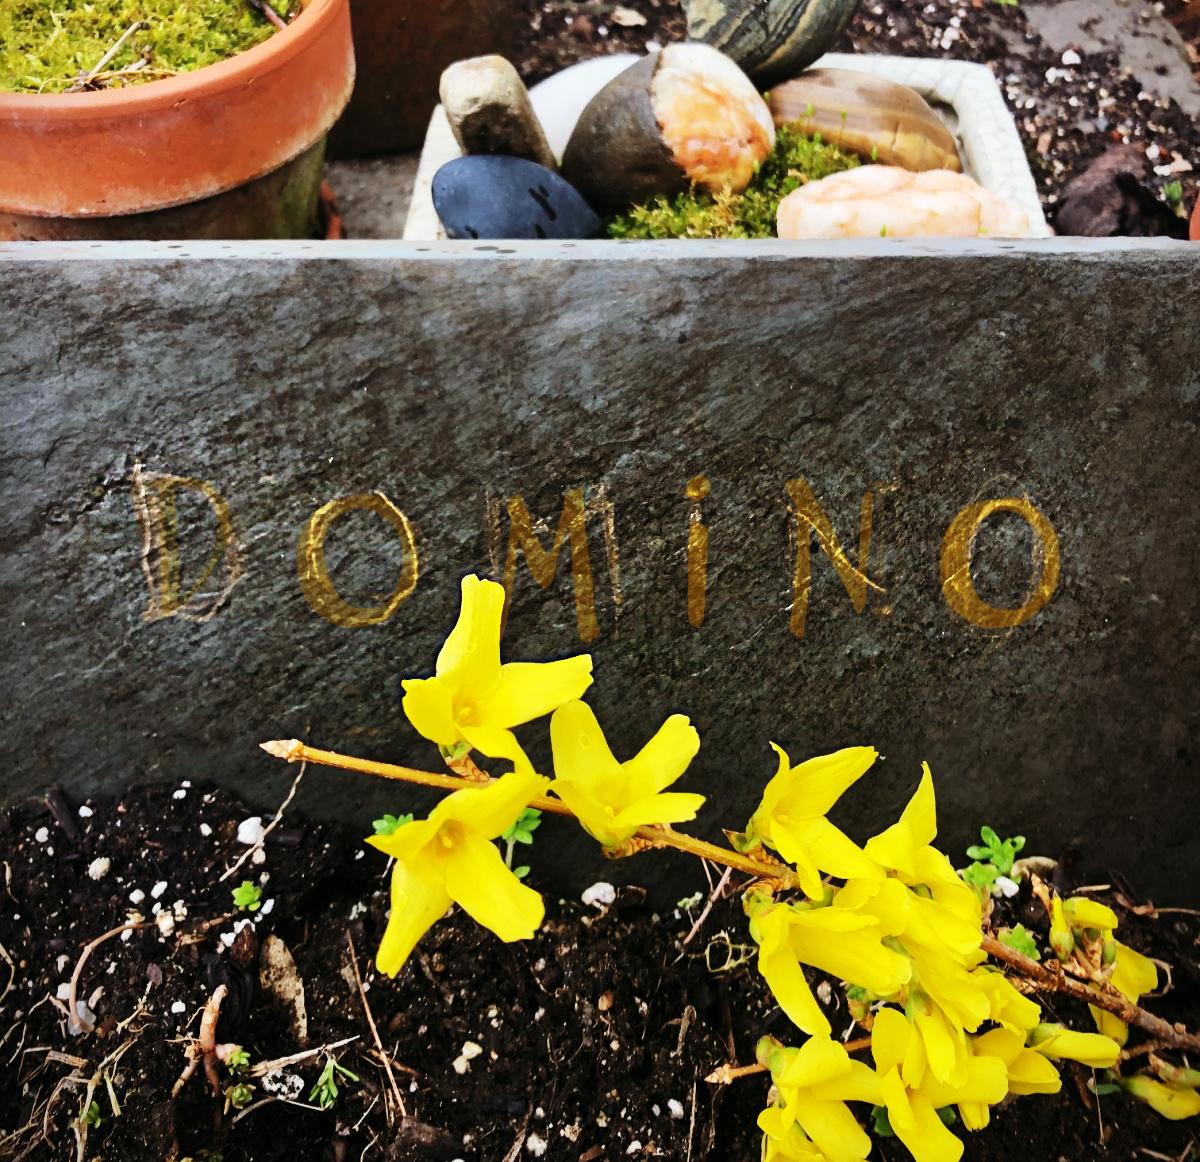 Domino-cat grave stone -memorial garden pets